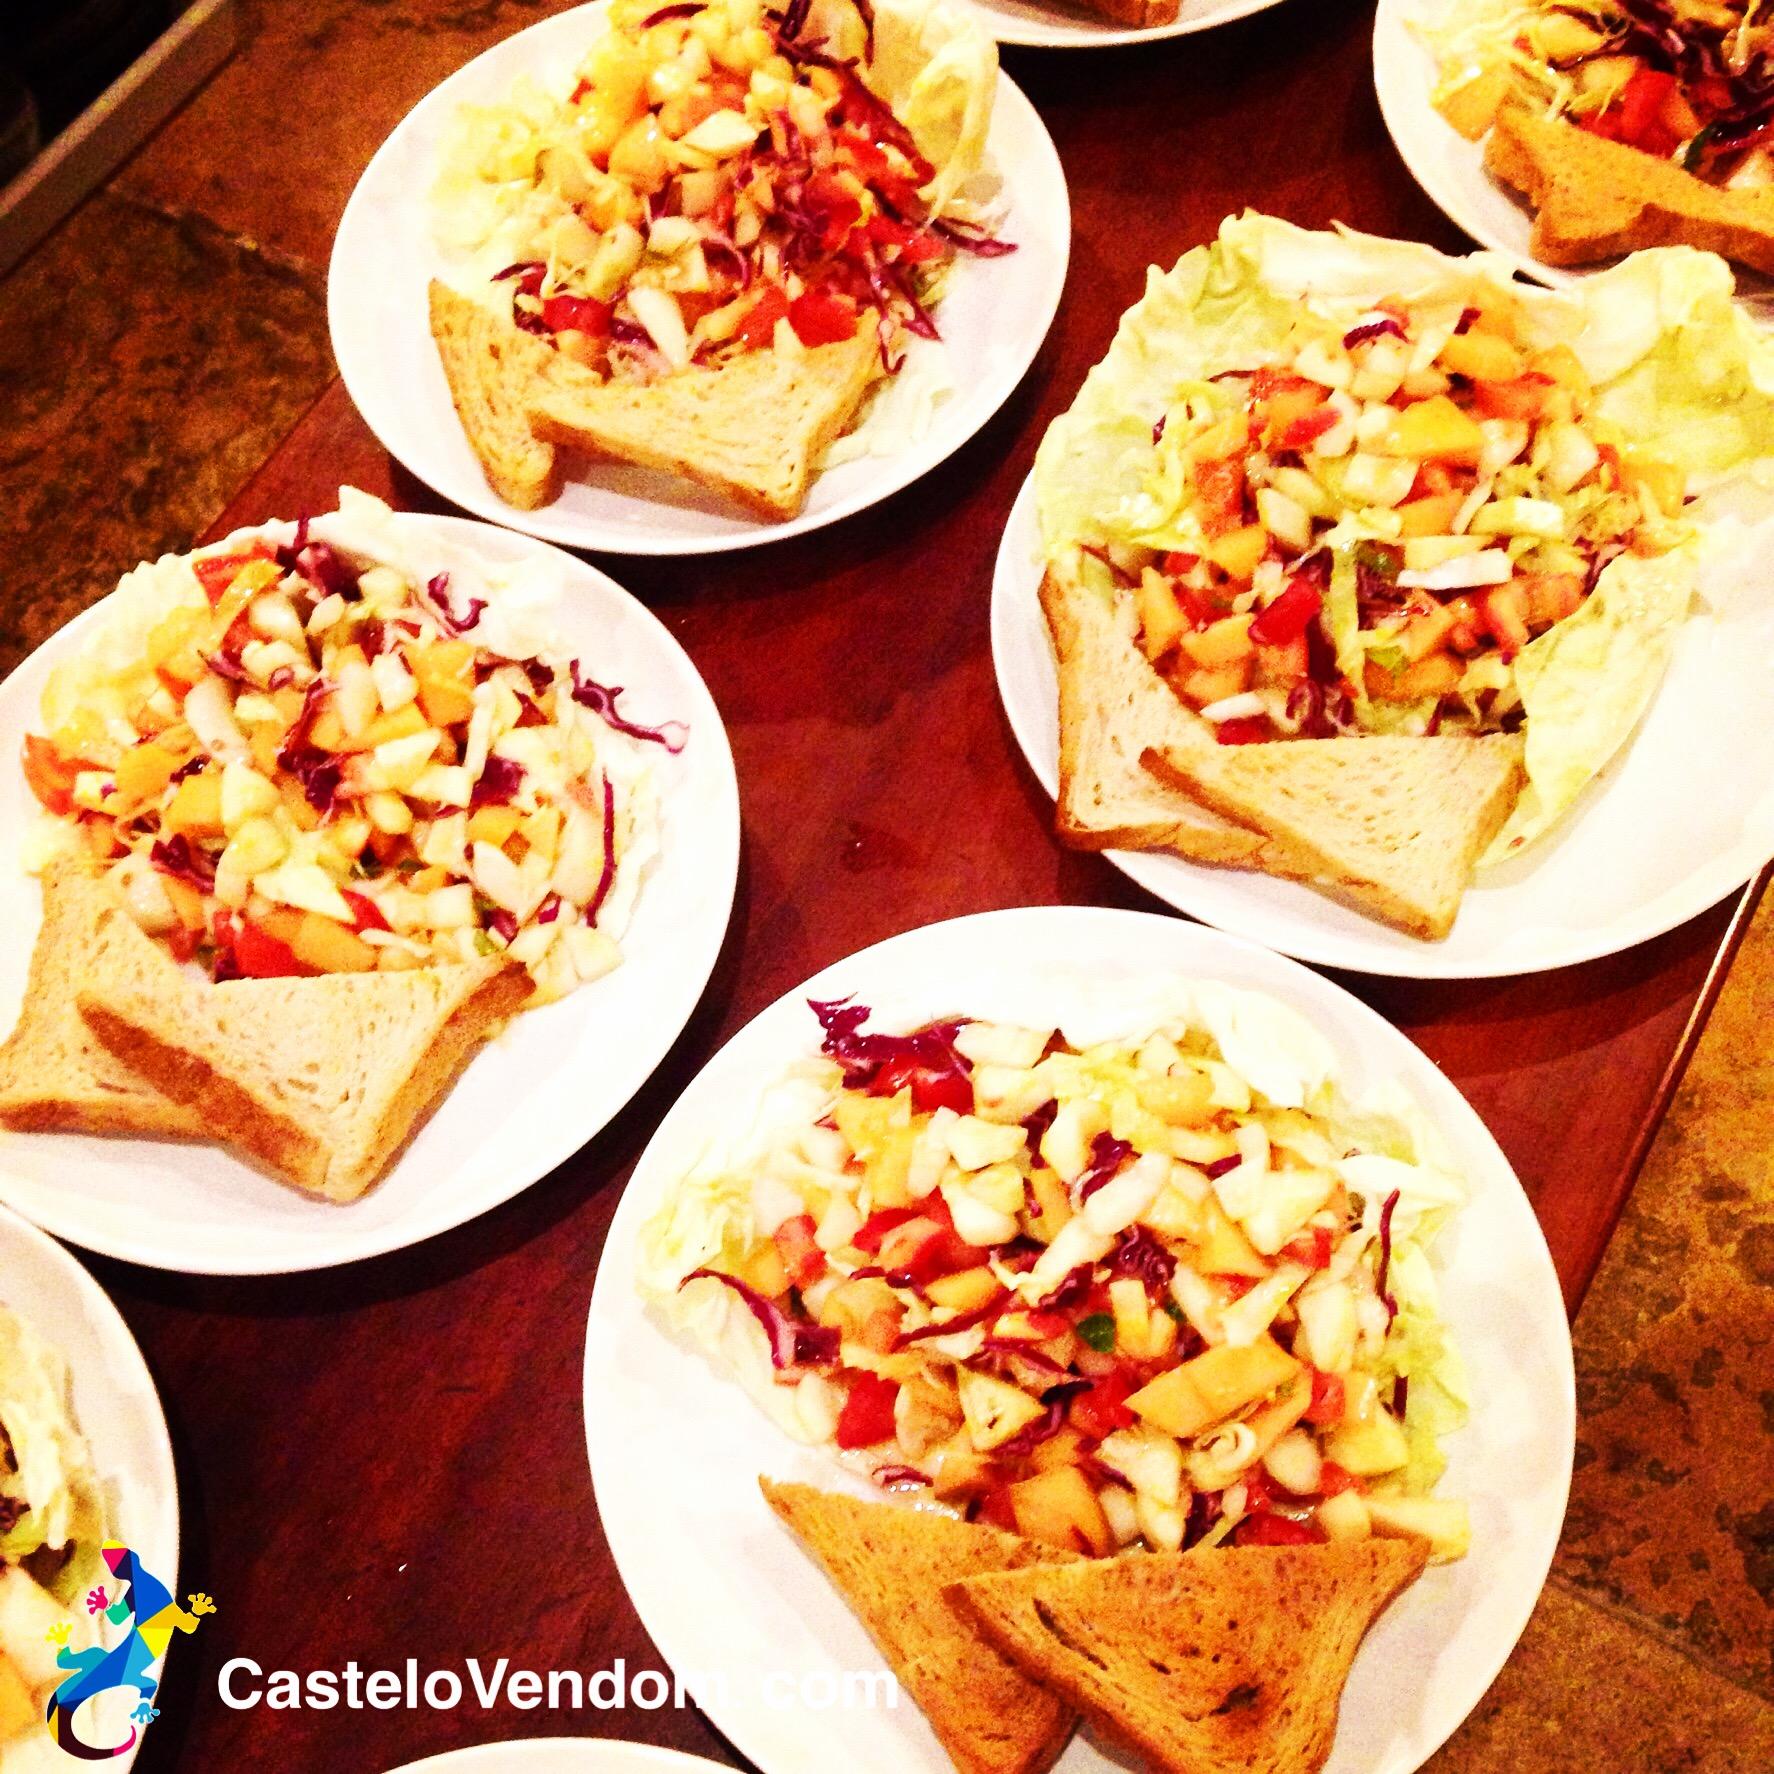 Castelo Vendom Salades composées